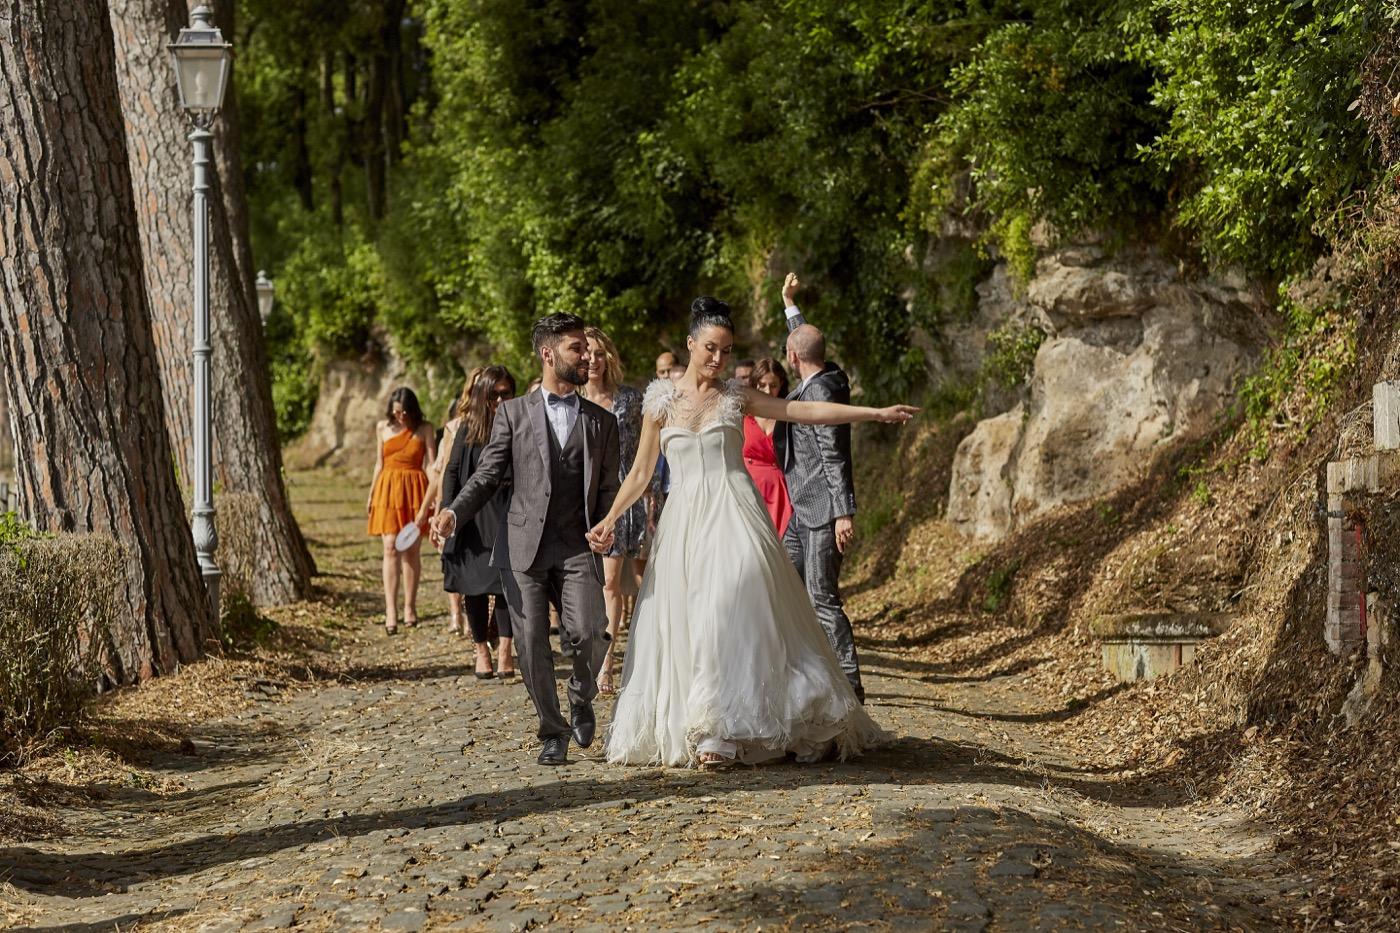 Claudio-Coppola-wedding-photographer-villa-del-cardinale-rocca-di-papa-castel-gandolfo-65